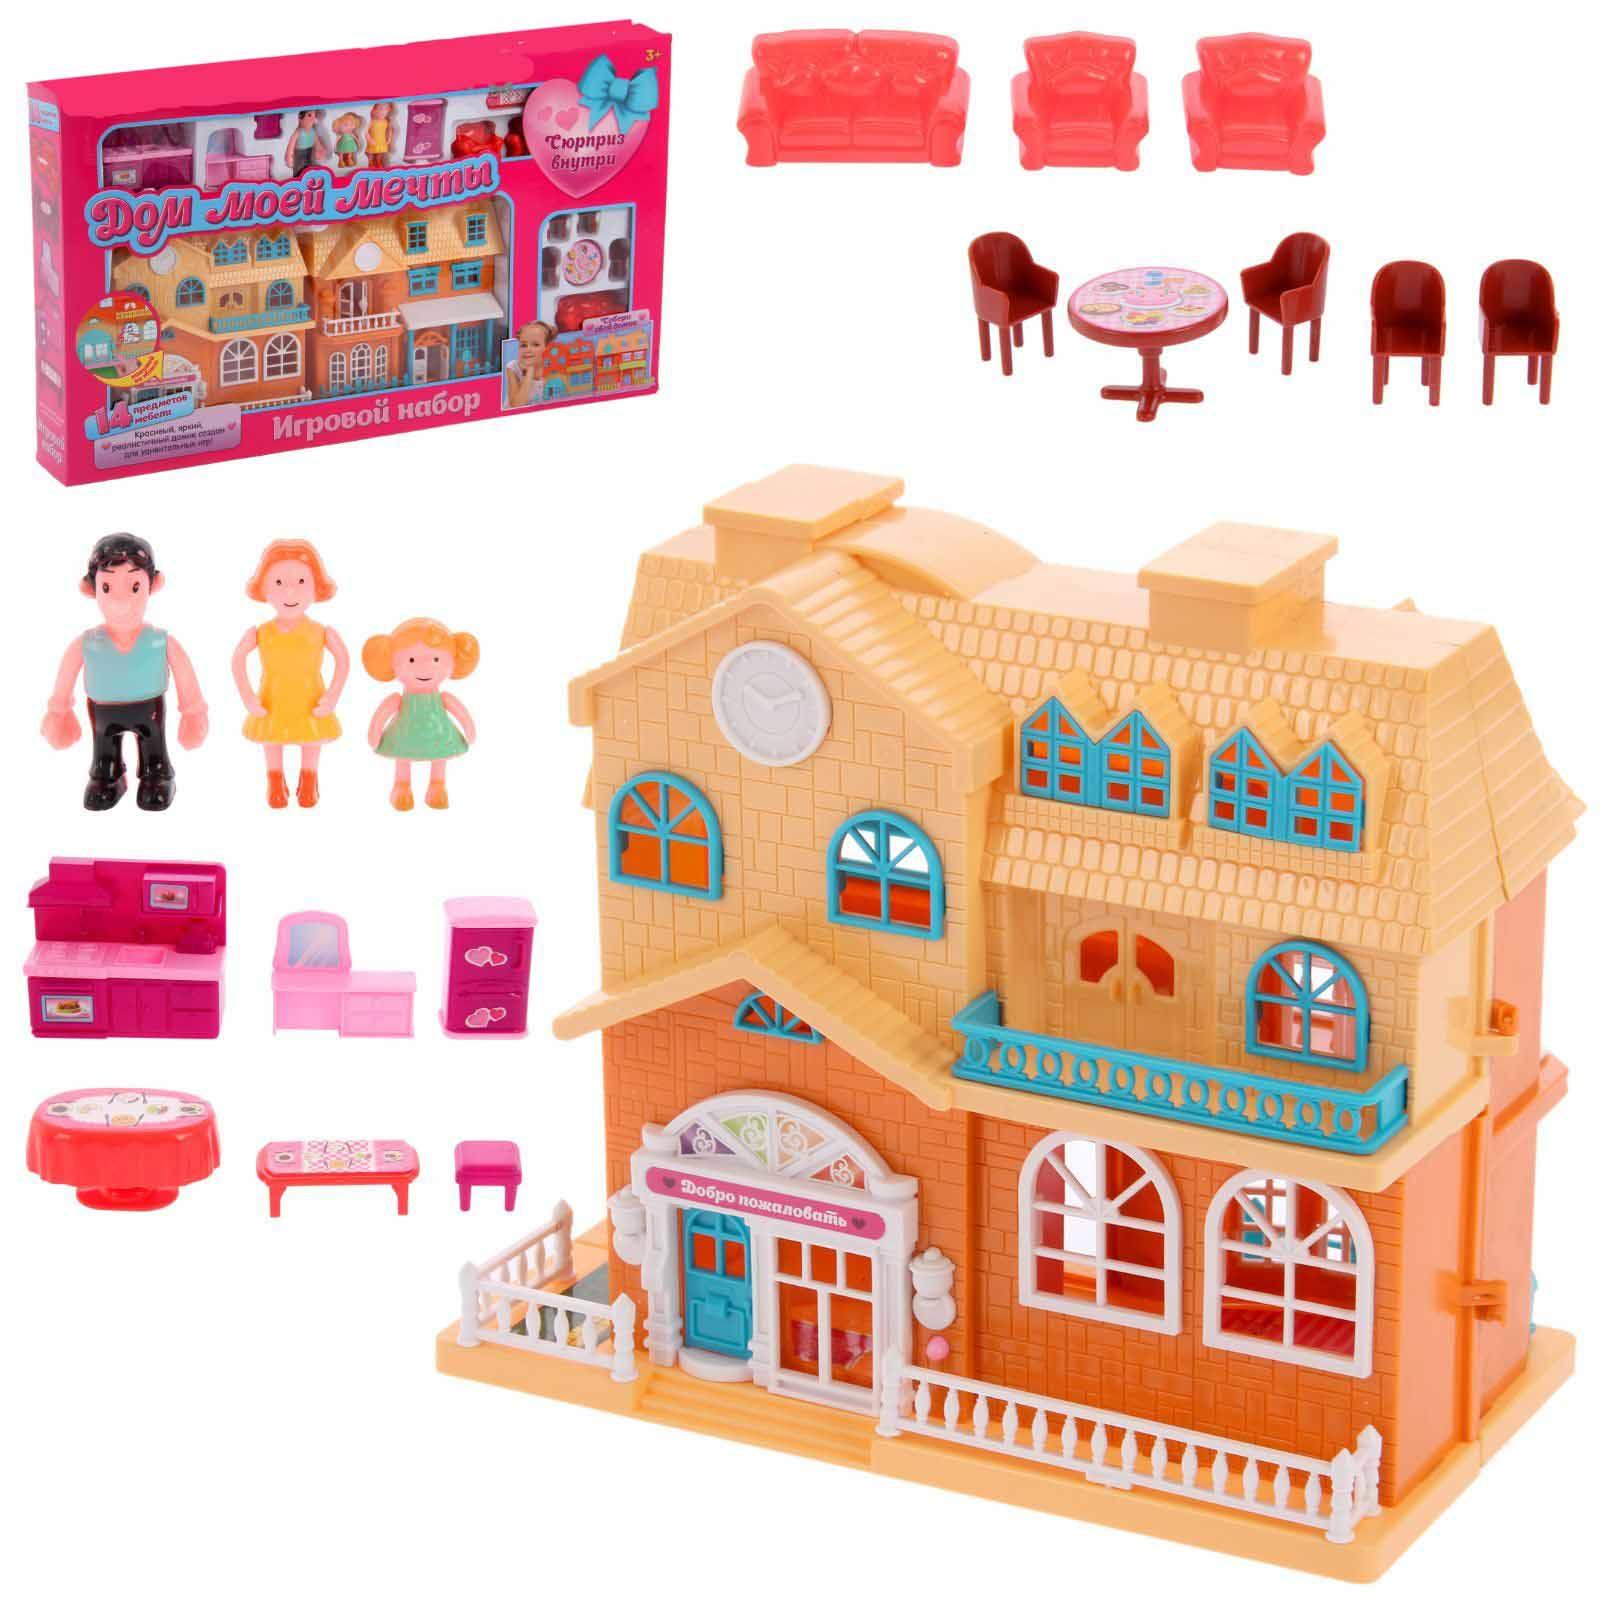 ведущих мобильных игровые детские кукольные домики из пластика Центральный